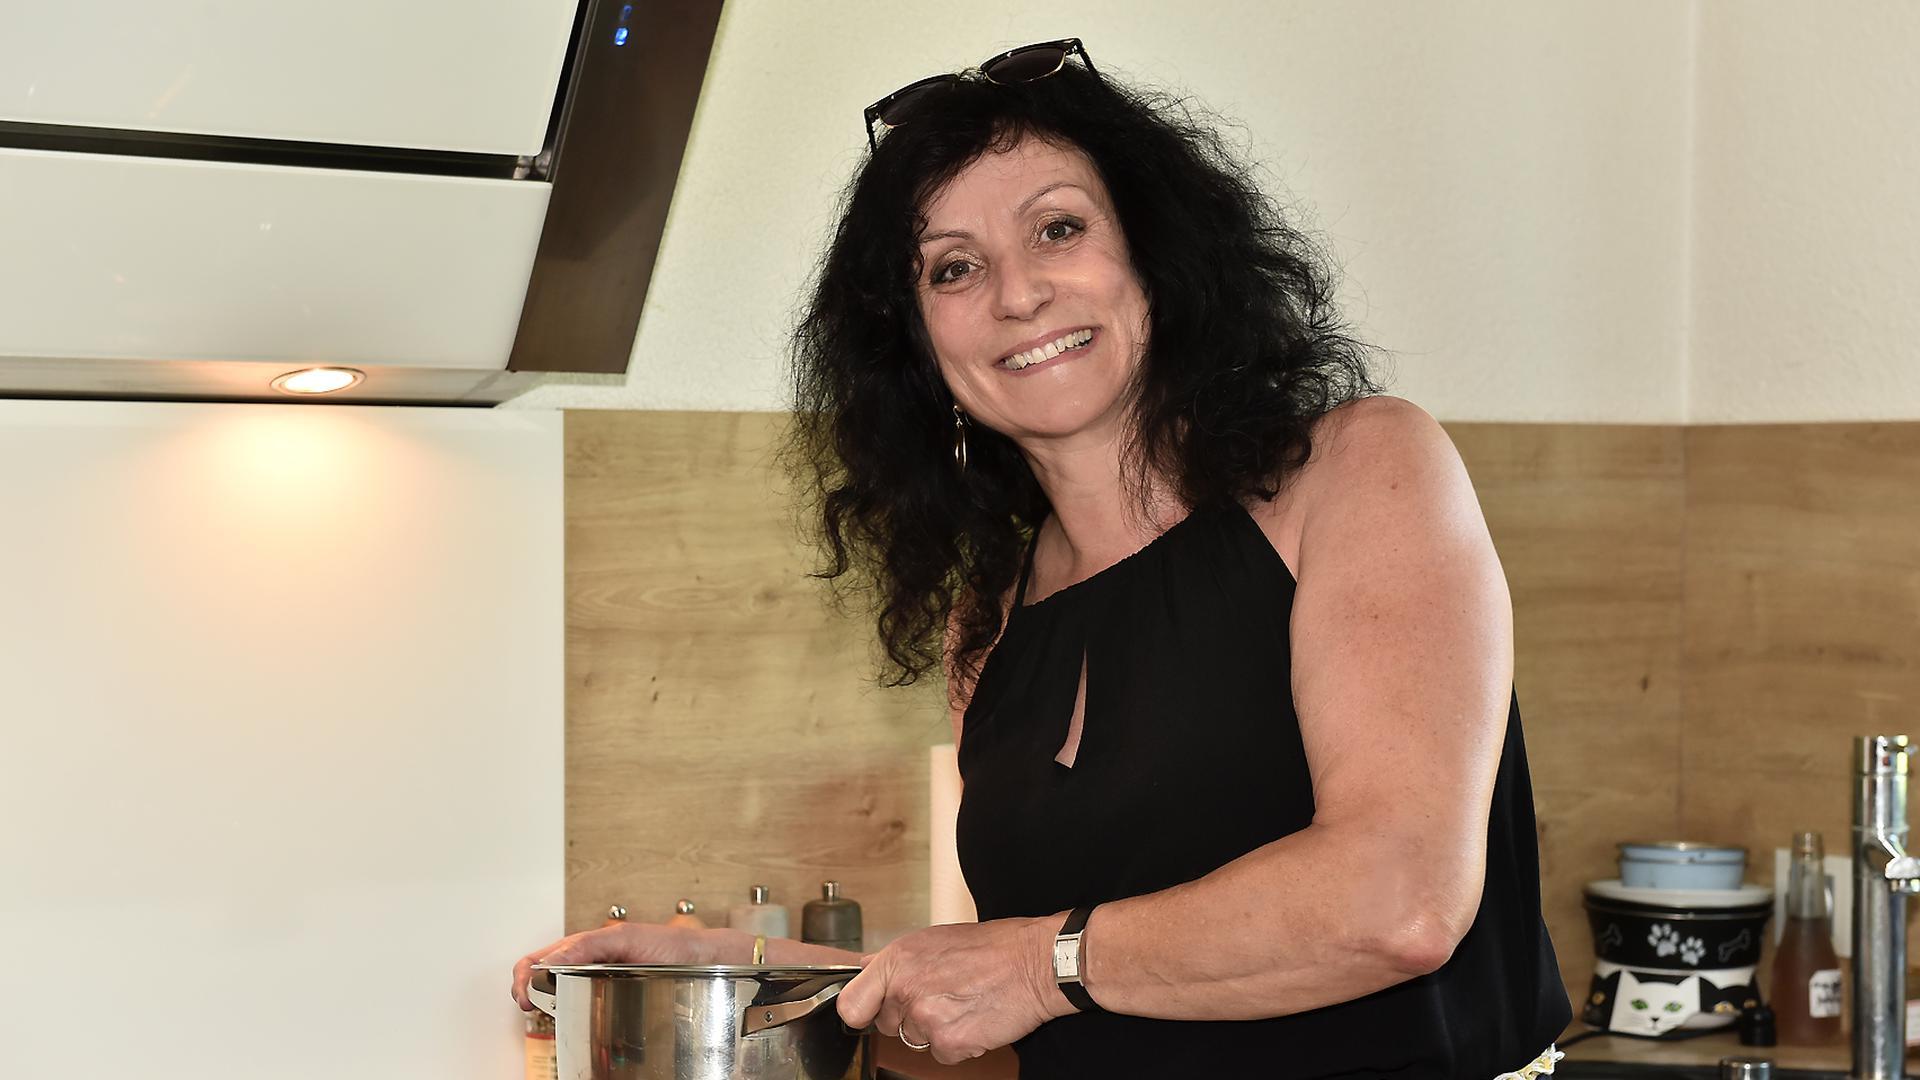 Elvira Schneider, Frau, Küche